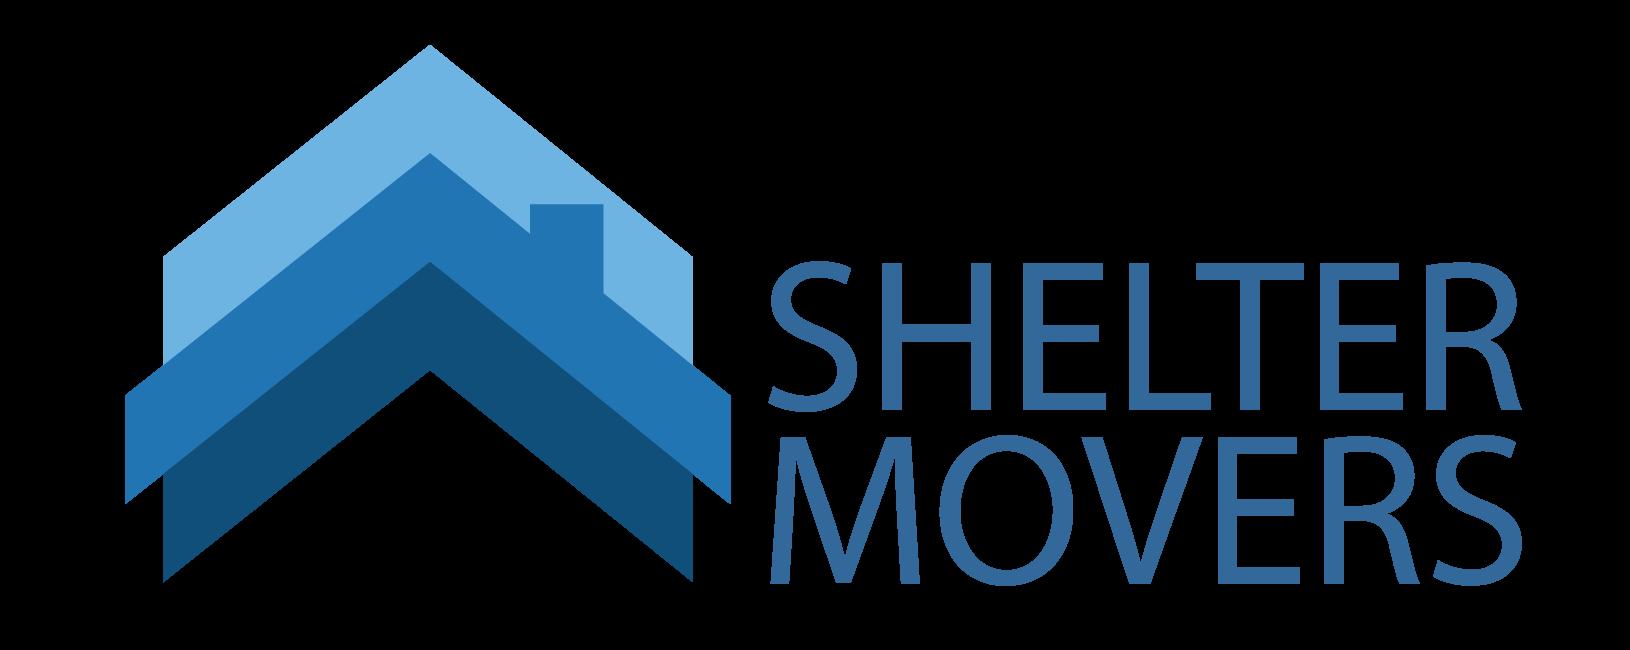 SM logo png.png